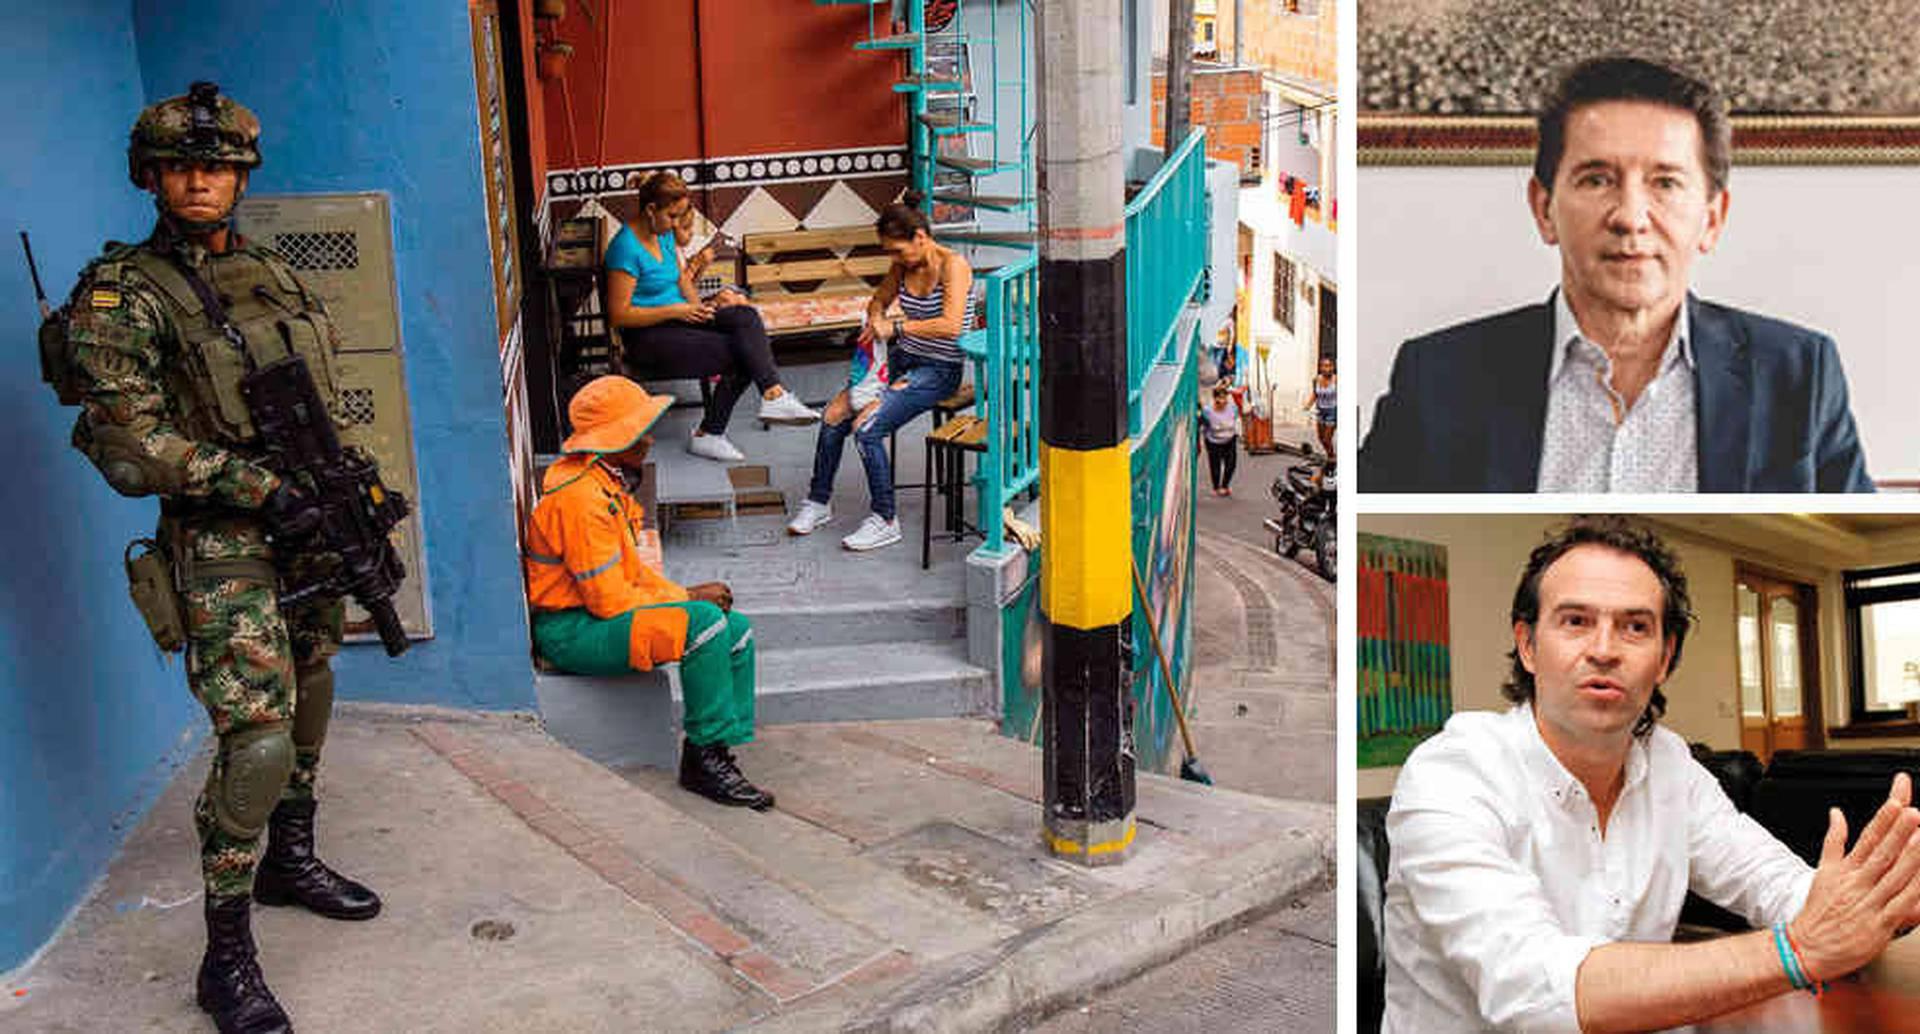 El gobernador de Antioquia, Luis Pérez, denunció los problemas de seguridad en ese departamento. El alcalde de Medellín, Federico Gutiérrez, ha dado una lucha frontal contra las bandas.